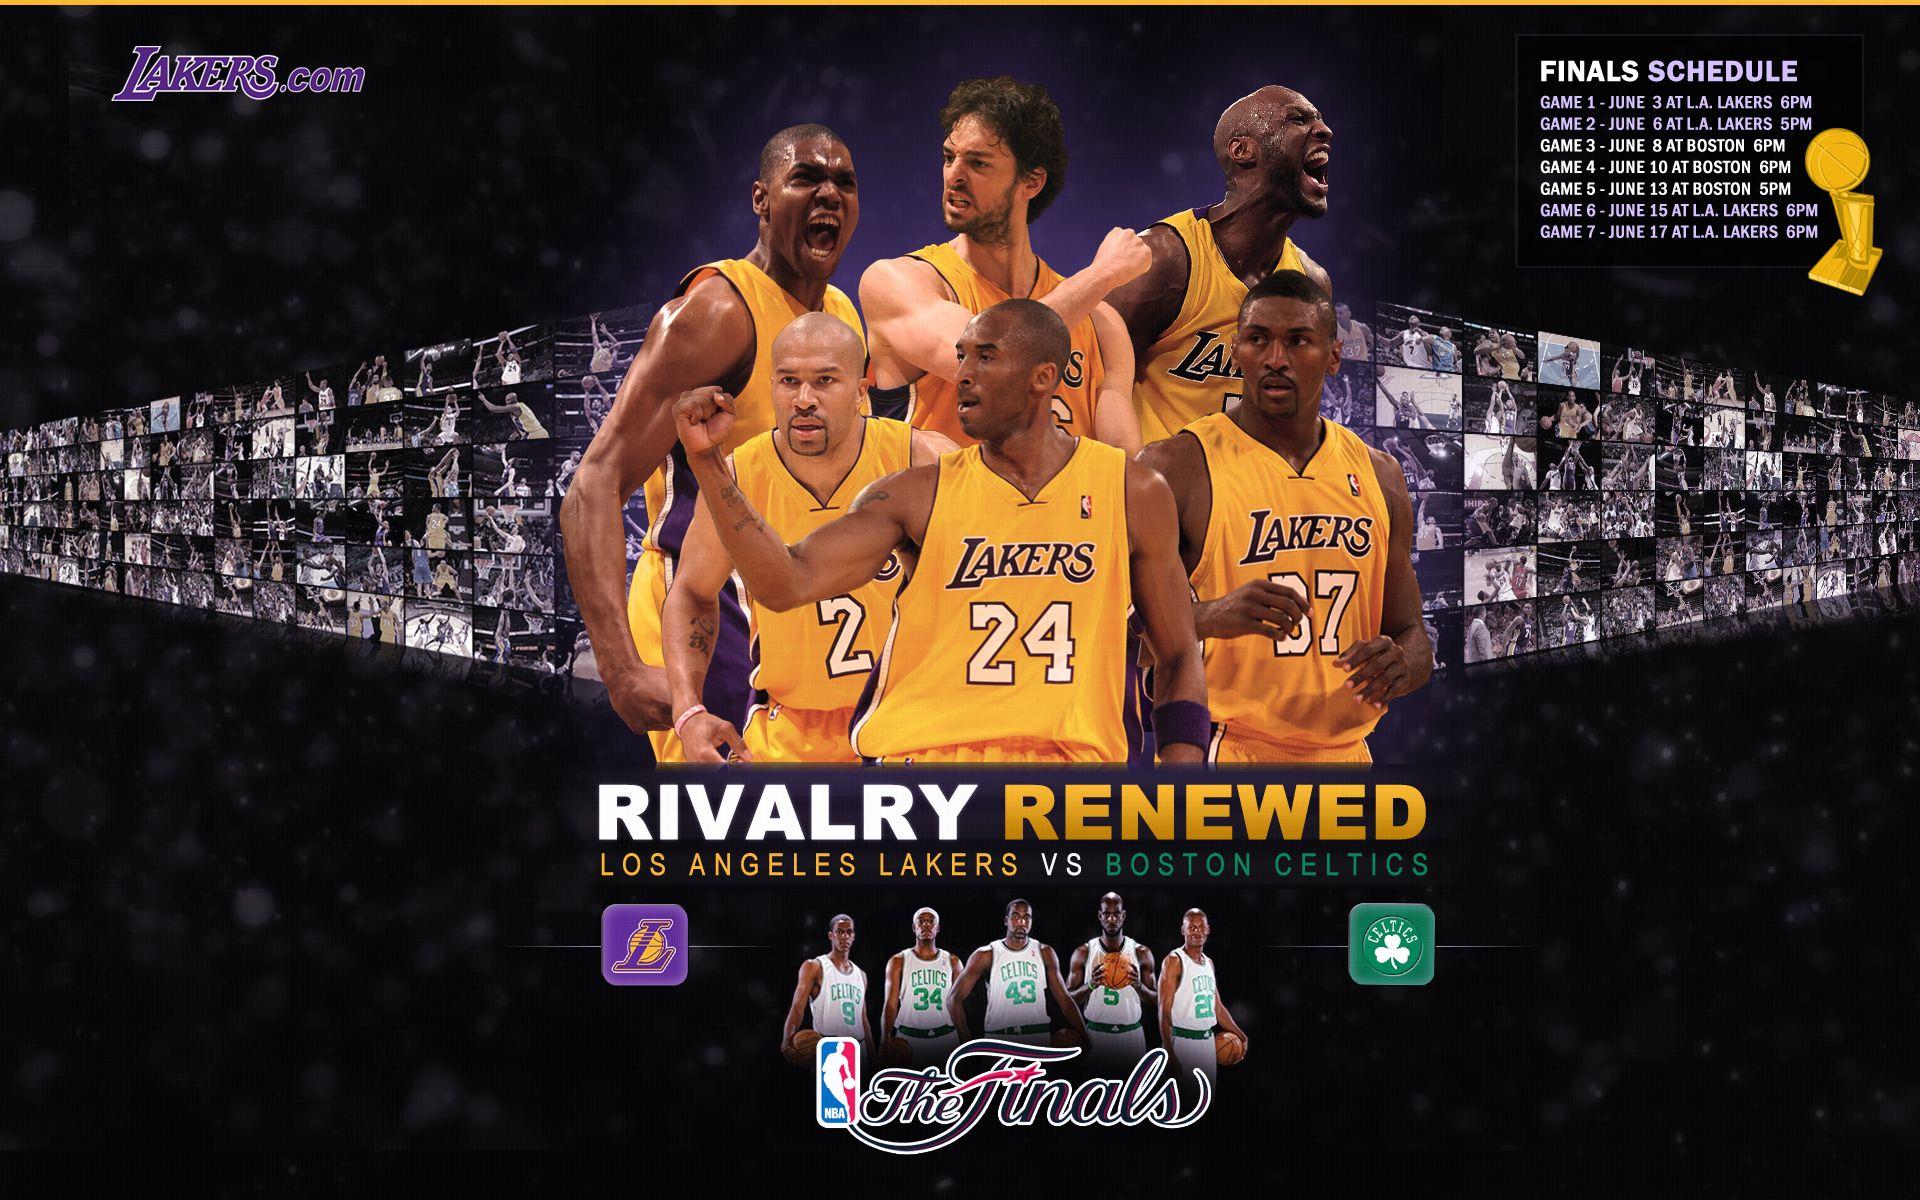 La Lakers New Wallpaper Live Wallpaper HD